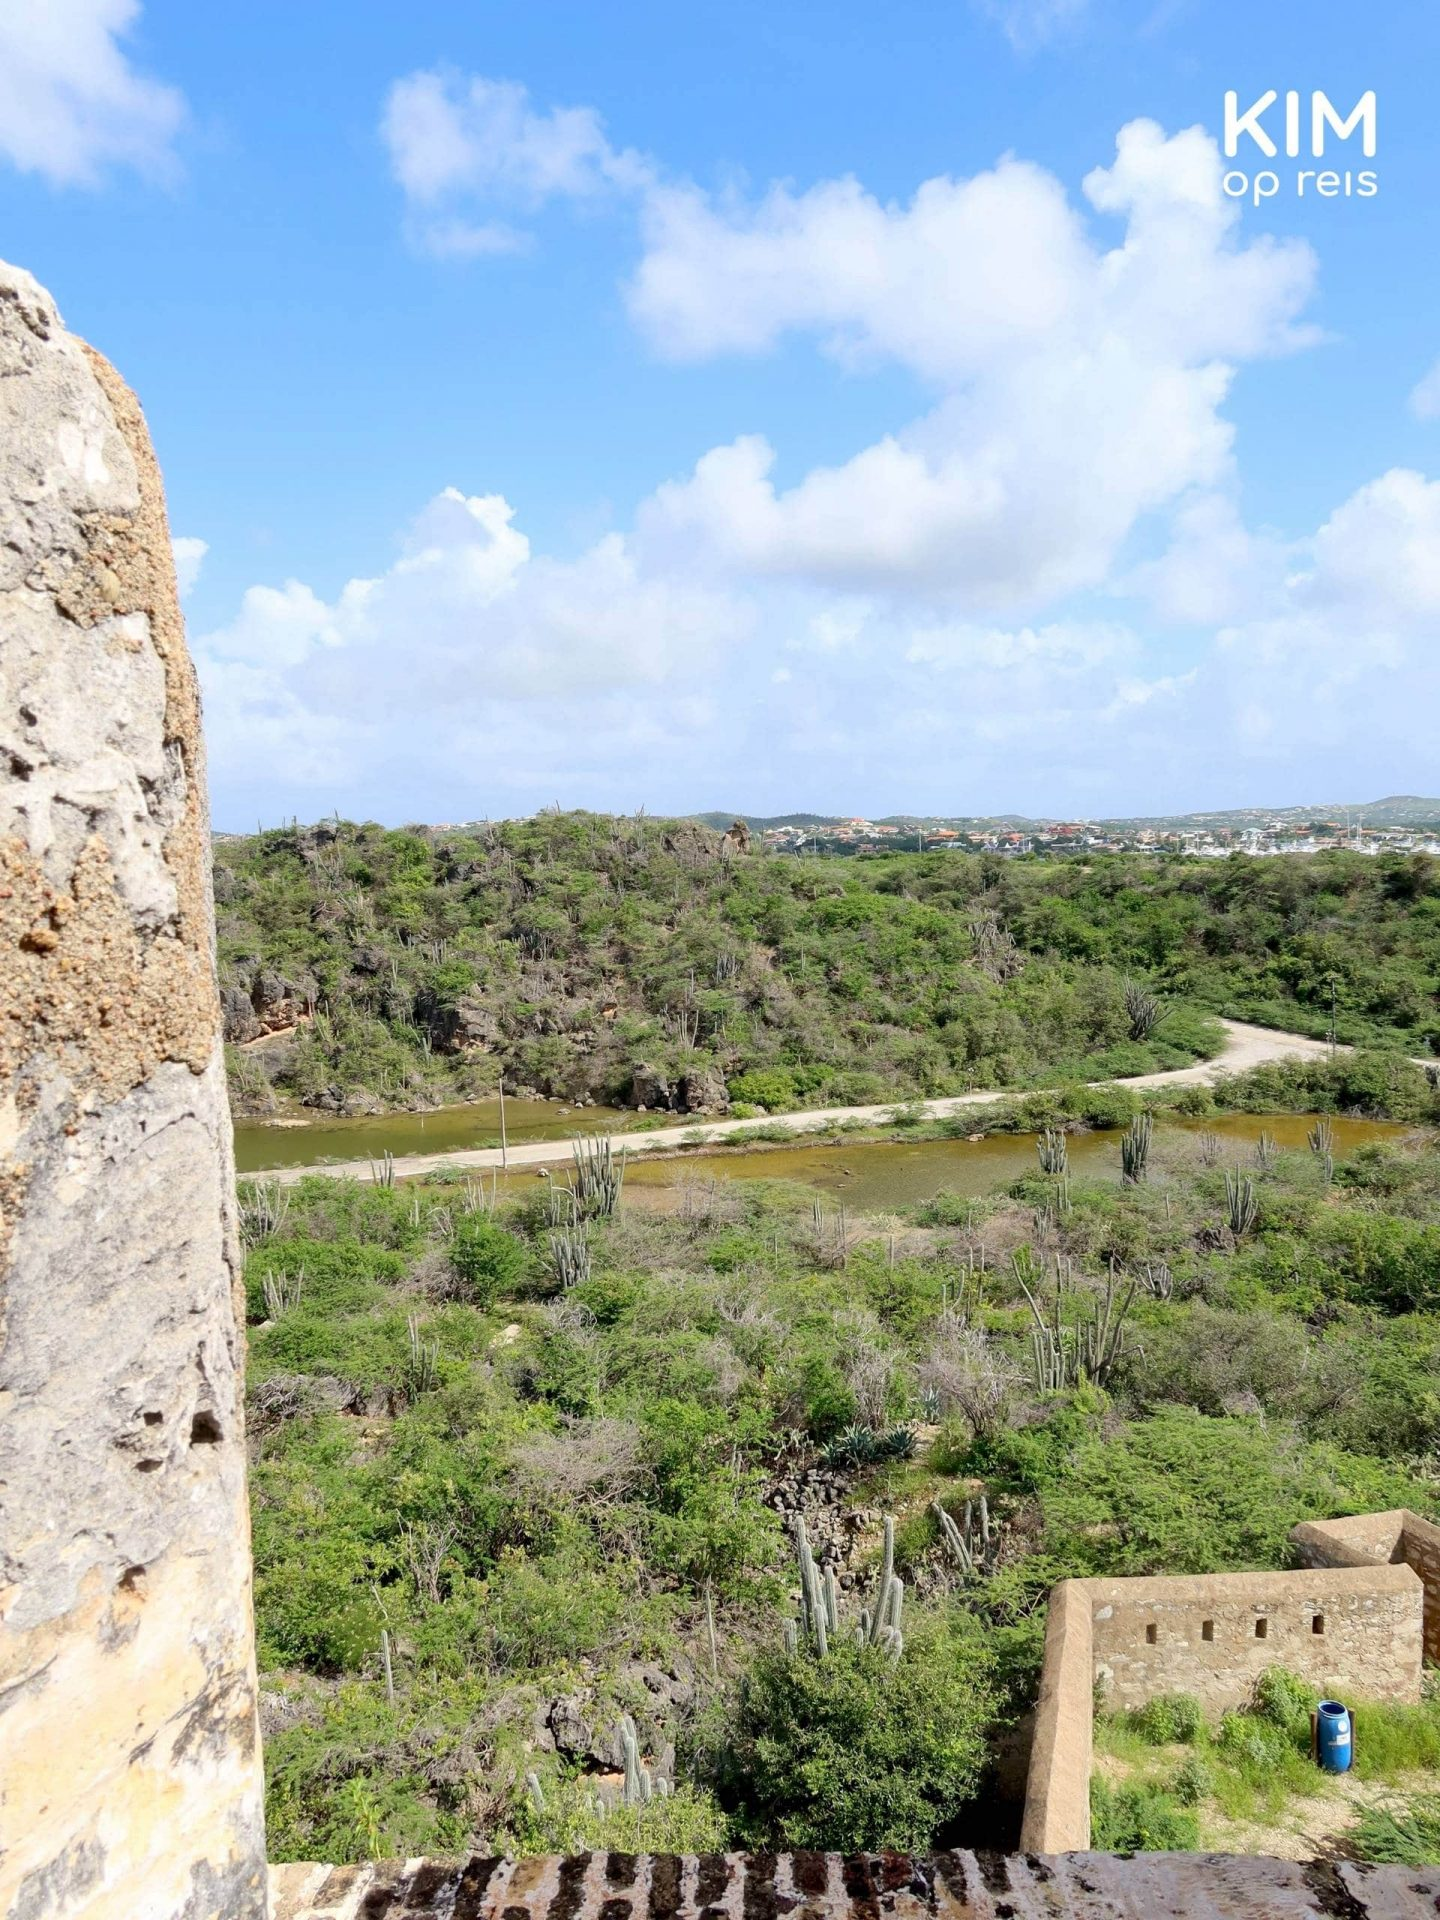 Uitzicht Fort Beekenburg Curaçao: vanaf de hoogte kijk je over een groen, droog landschap